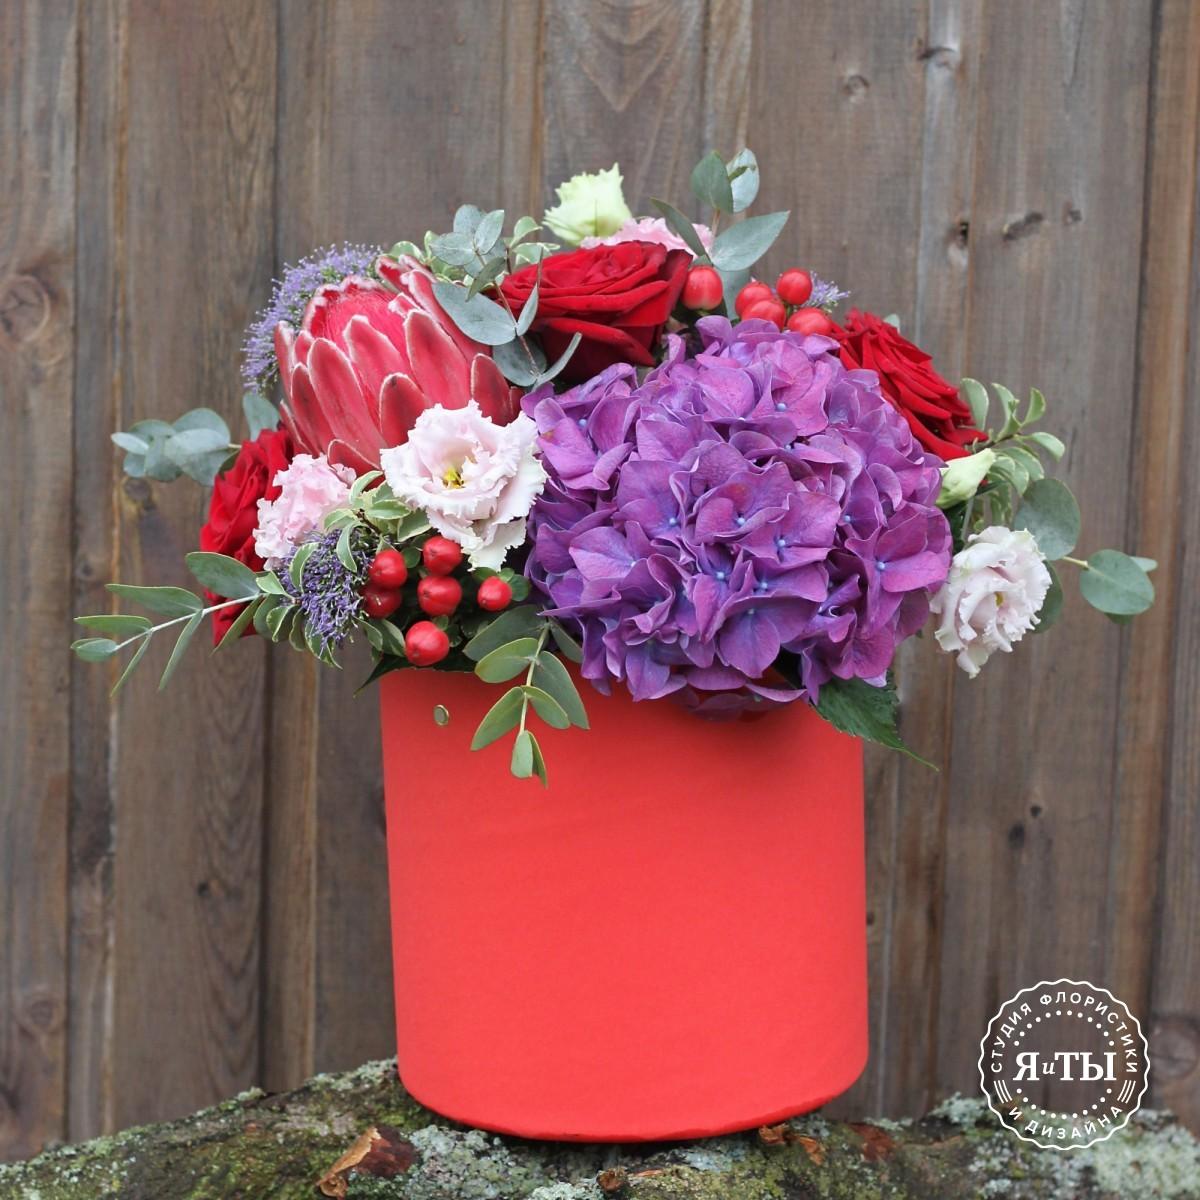 Шляпная коробка с протеей и розами